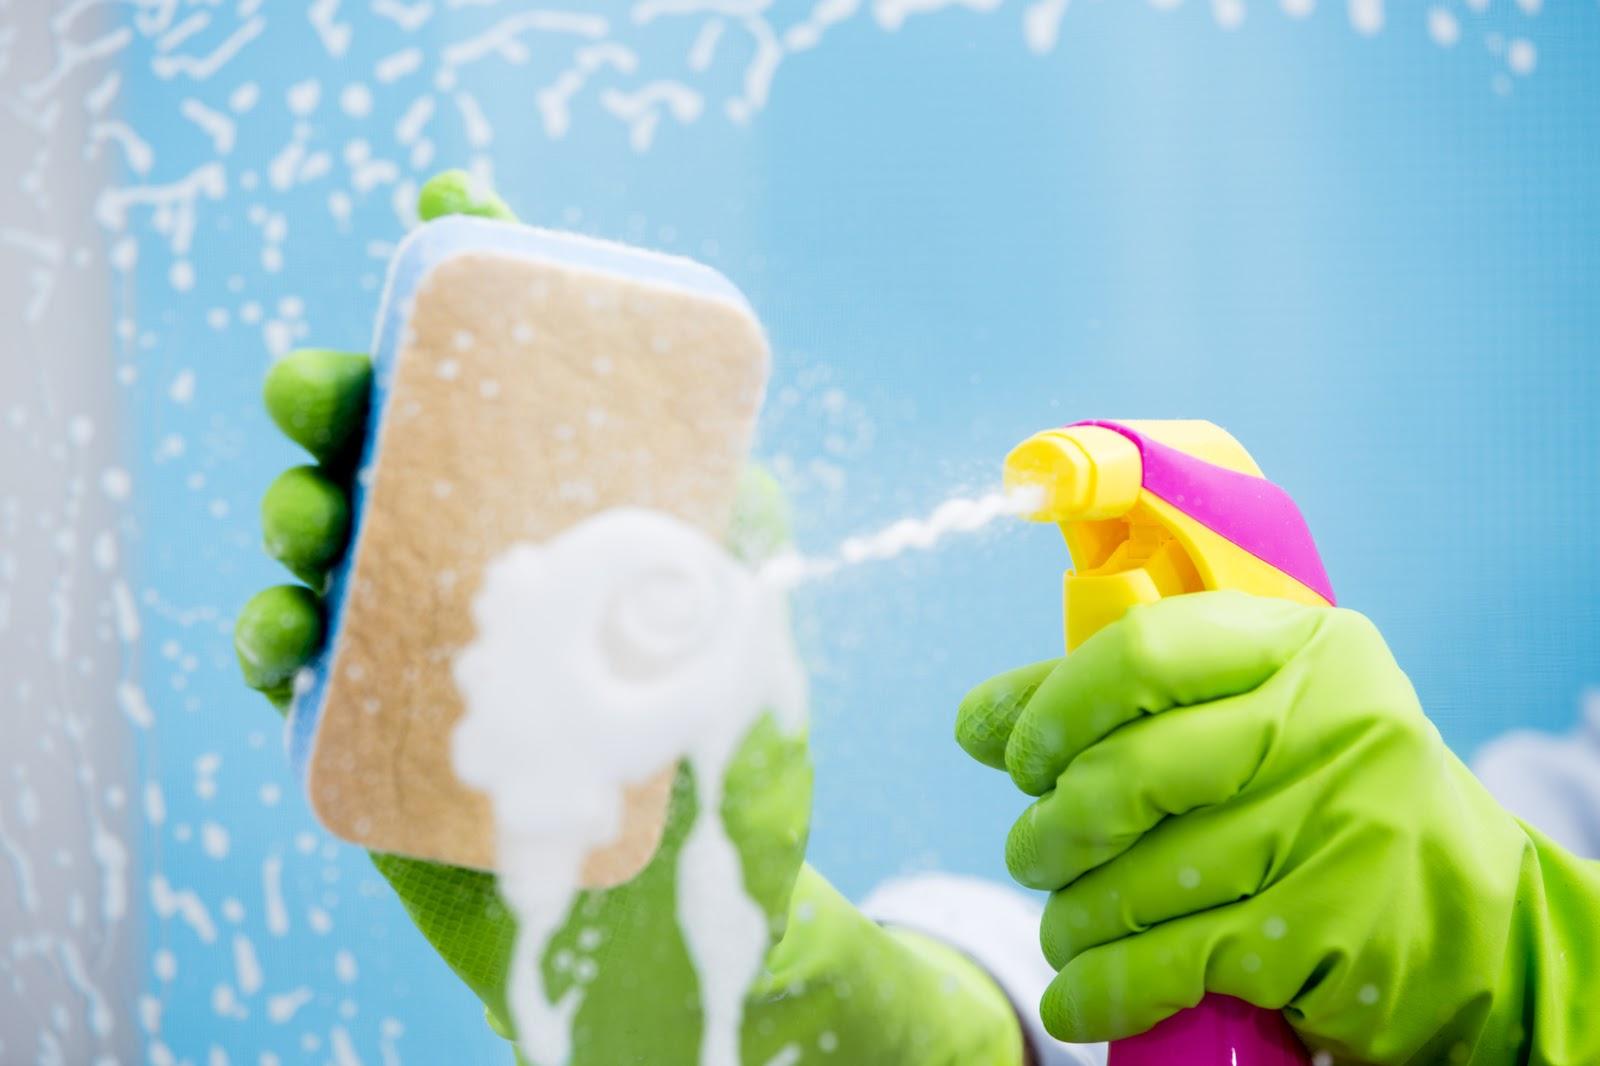 Hogar diez c mo limpiar los cristales de tu hogar - Como limpiar cristales ...